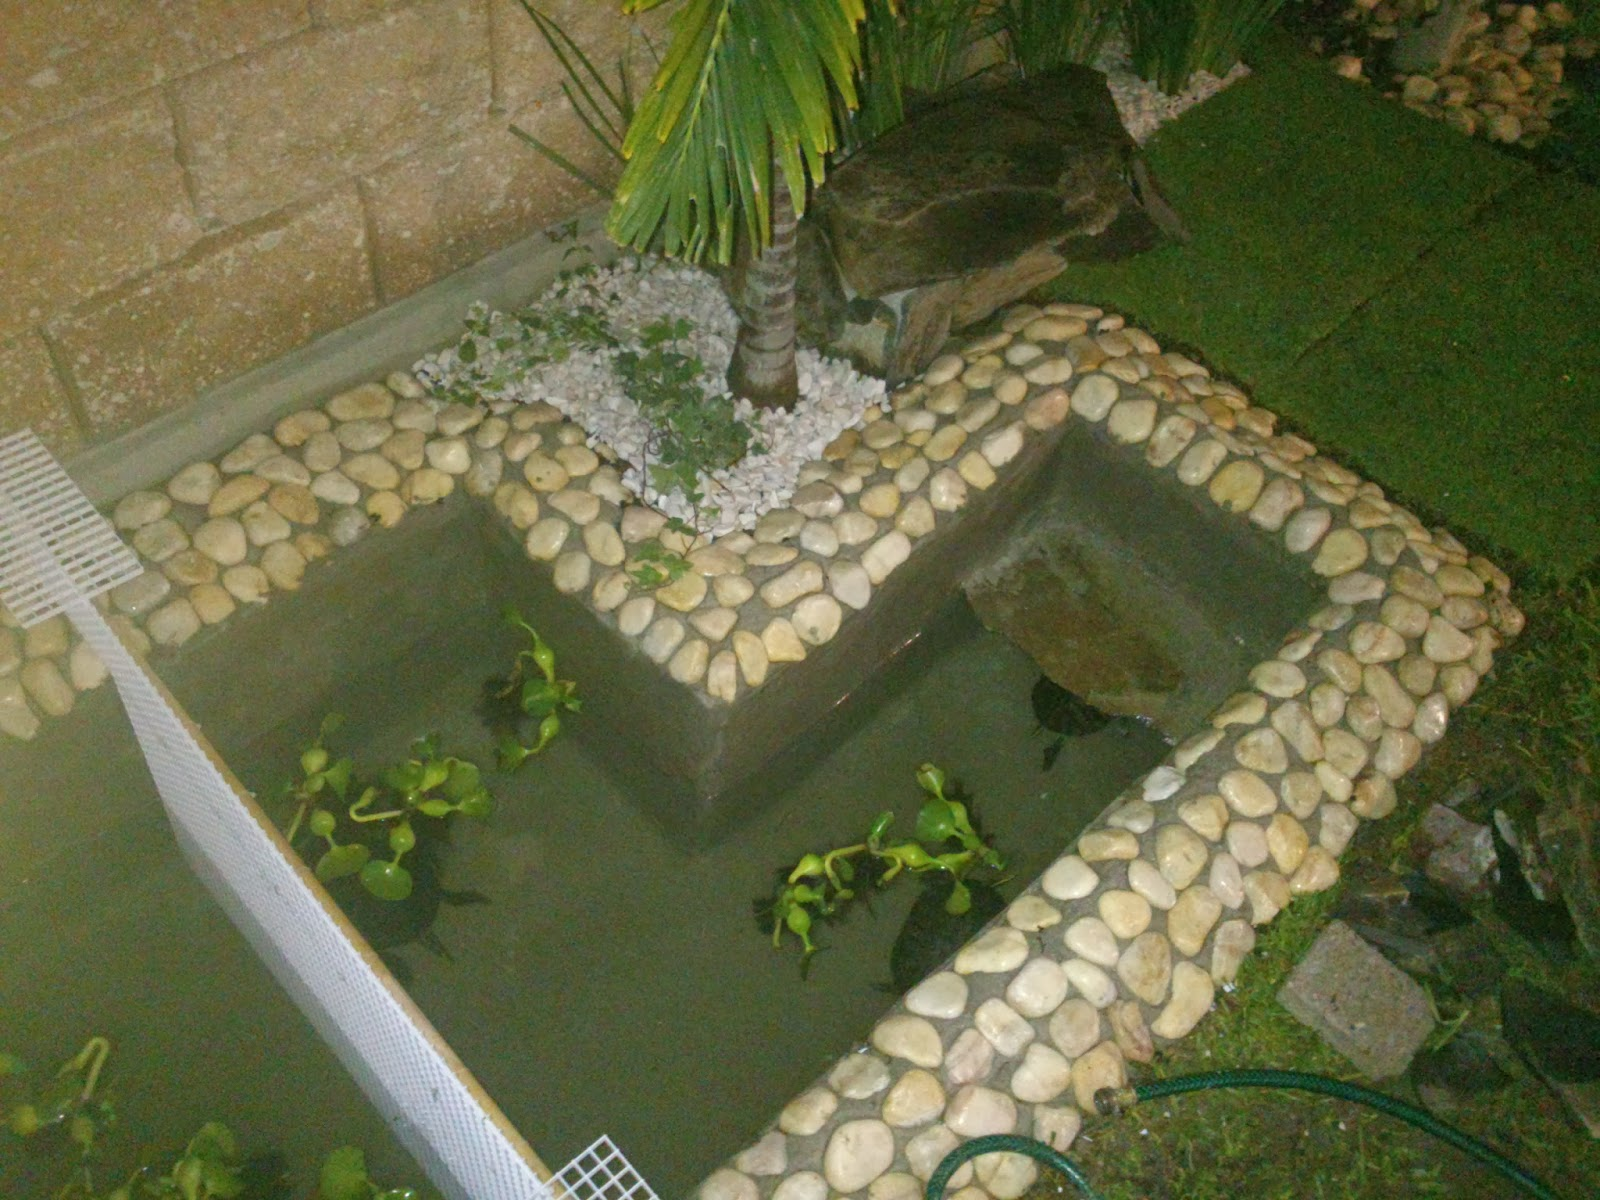 El estanque de mis tortugas diciembre 2013 - Como construir un estanque para tortugas ...